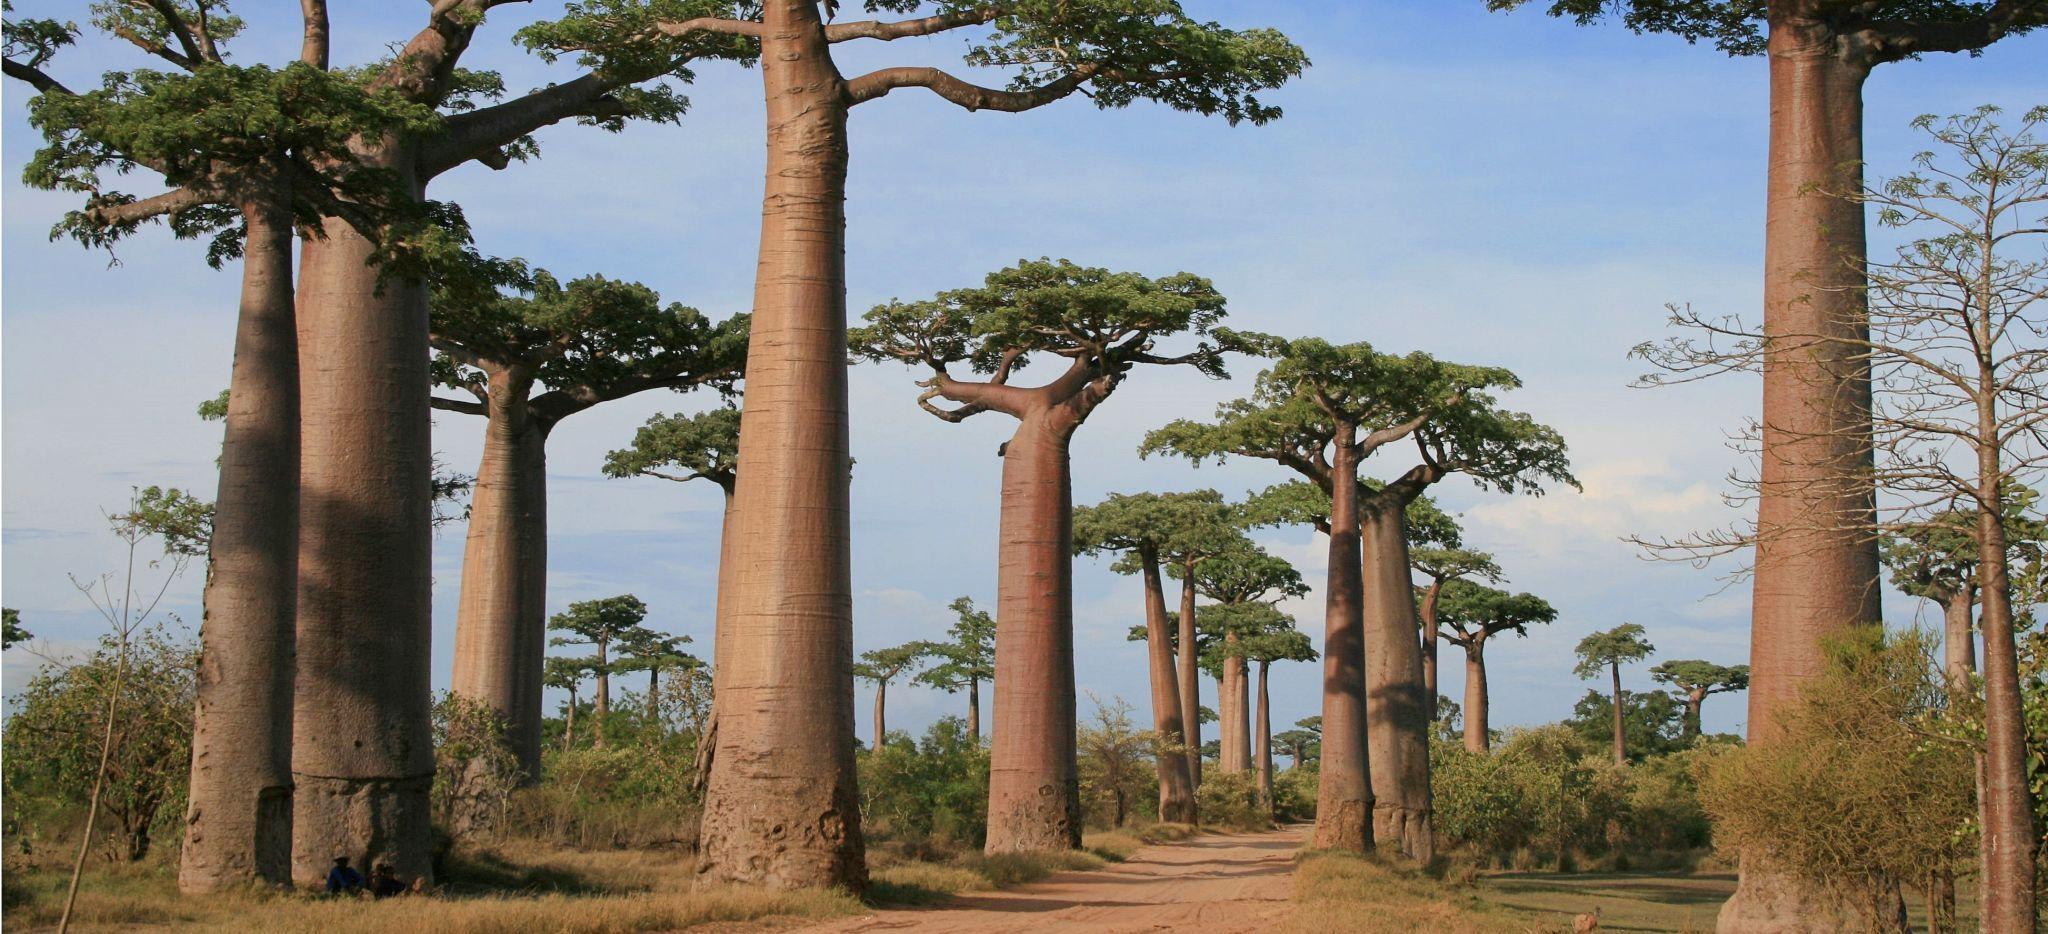 Islamisierung bedroht auch Schwarzafrika. Was interessiert uns Madagaskar?